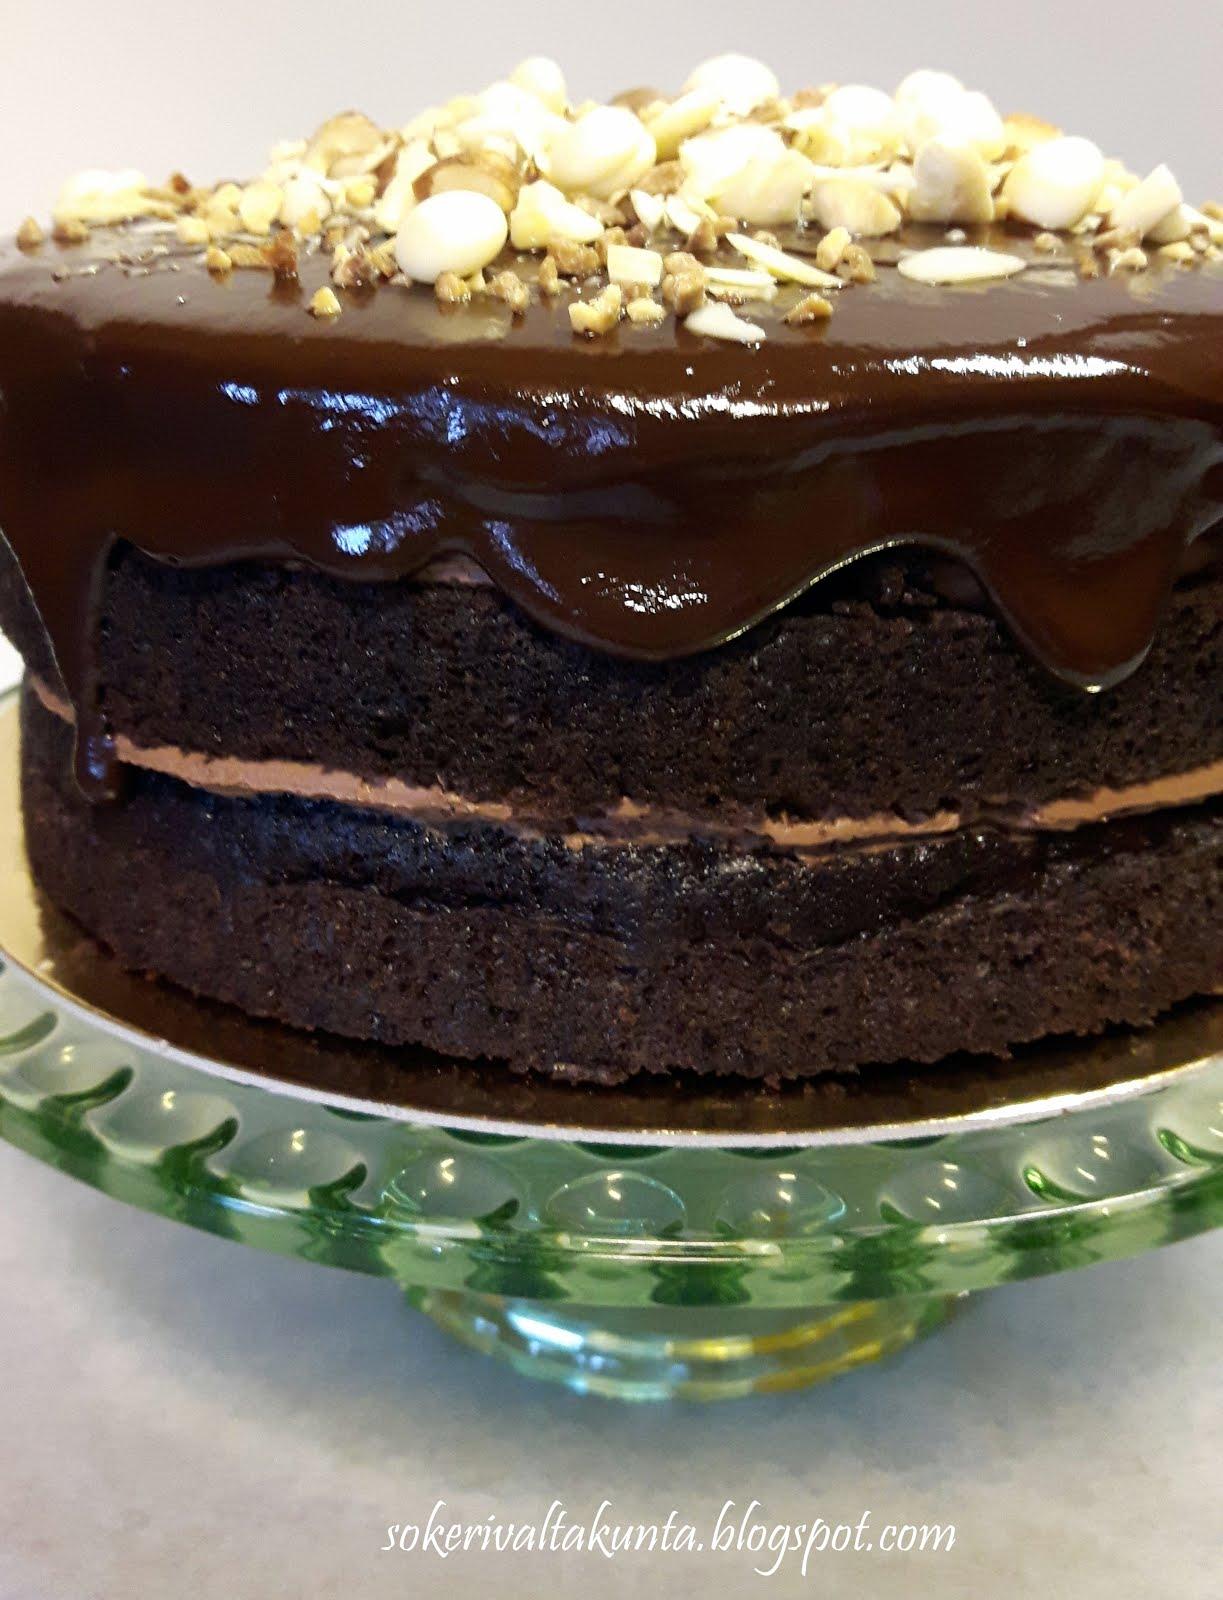 Maailman helpoin ja maukkain suklaakakku